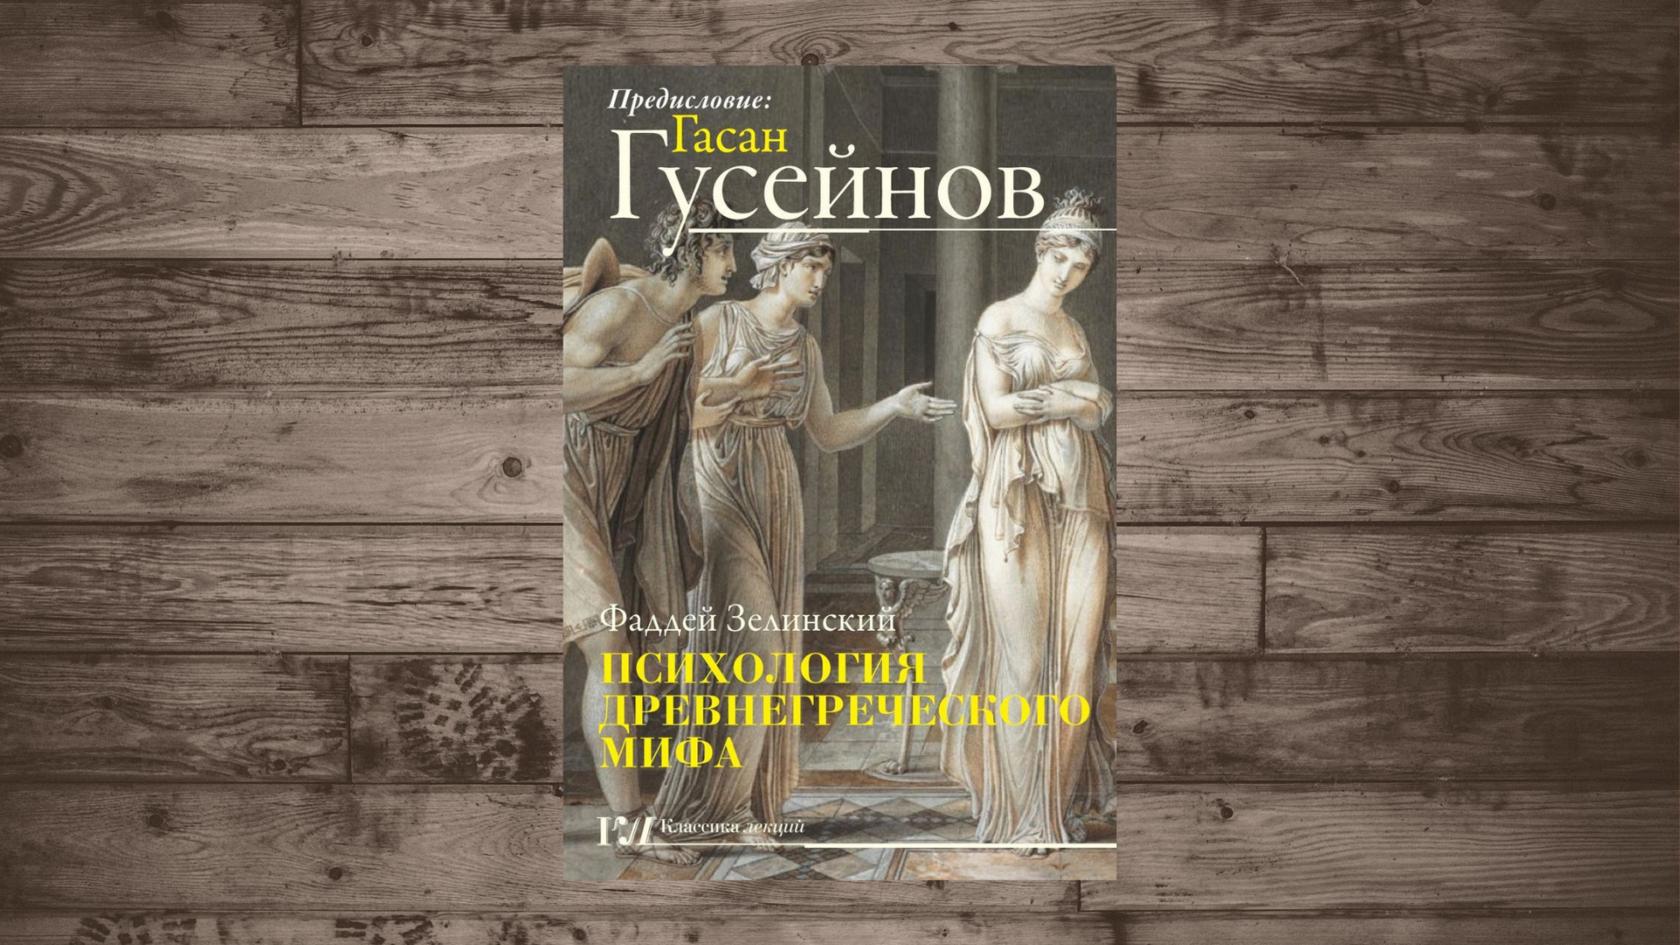 Купить книгу Фаддей Зелинский «Психология древнегреческого мифа». Предисл. Гасан Гусейнов